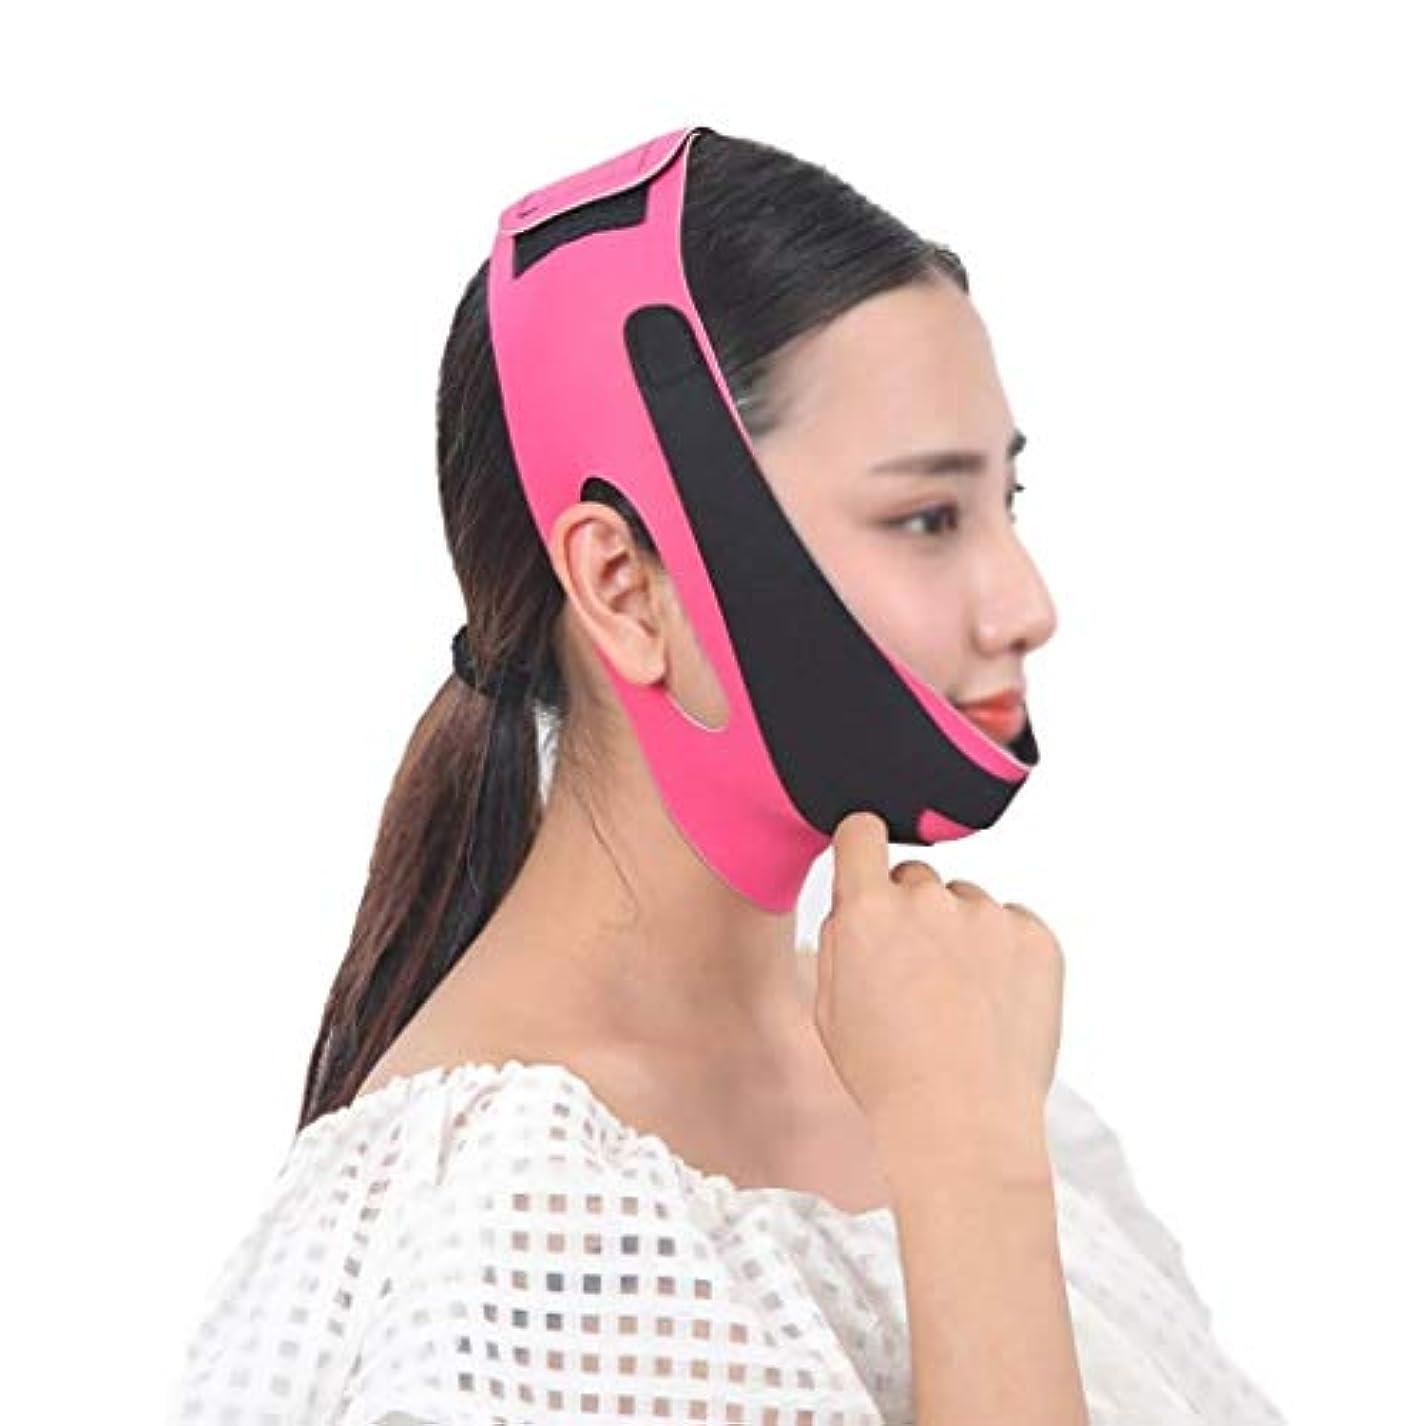 またブレイズ風変わりなフェイスアンドネックリフト術後弾性フェイスマスク小さなV顔アーティファクト薄い顔包帯アーティファクトV顔ぶら下げ耳リフティング引き締め薄い顔アーティファクト